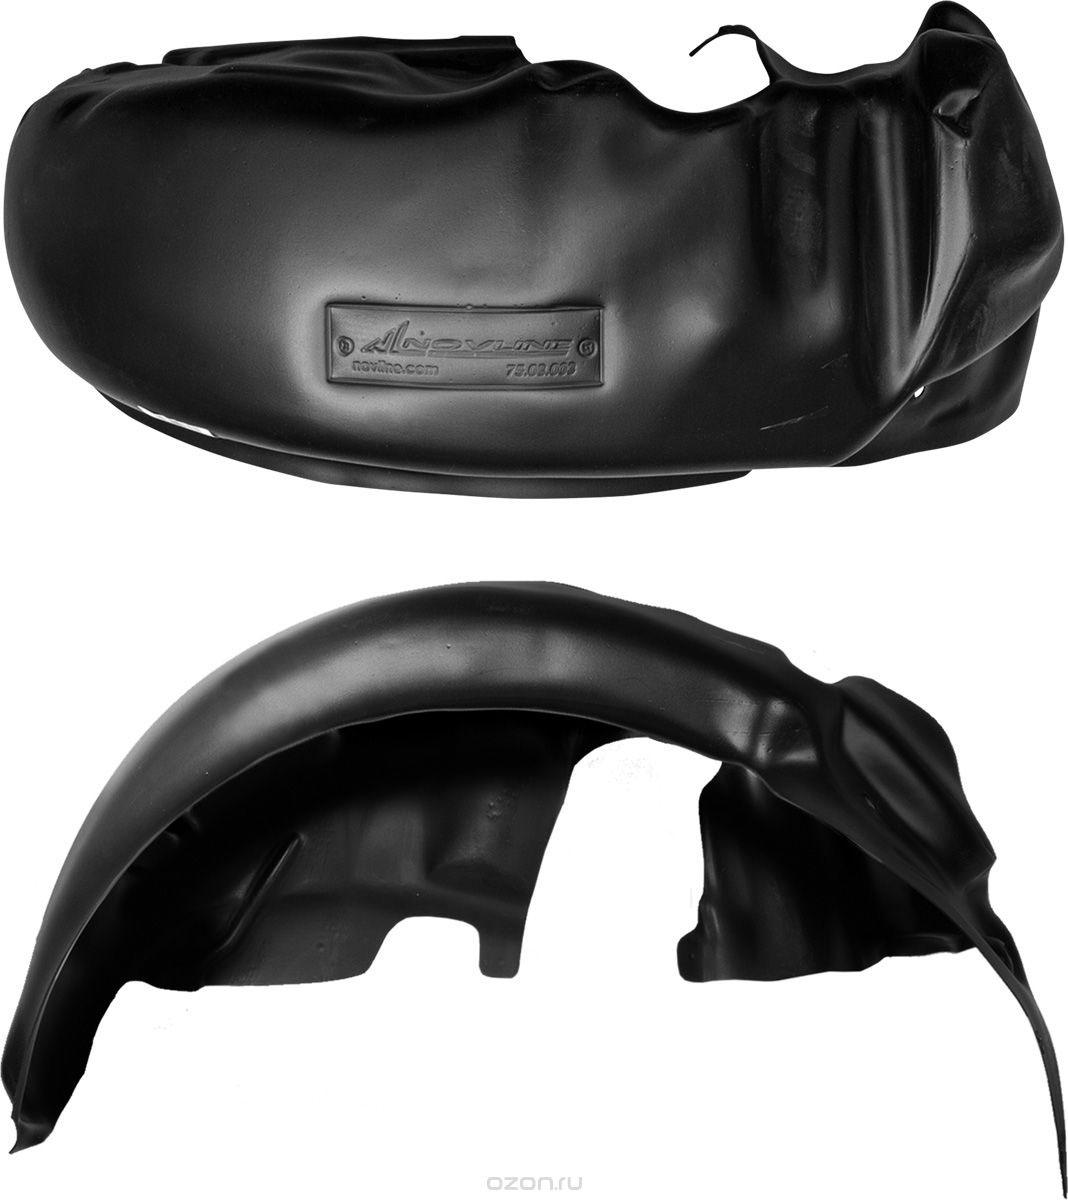 Подкрылок Novline-Autofamily, для PEUGEOT Boxer 08/2014->, с расширителями арок, передний правыйNLL.38.24.002Идеальная защита колесной ниши. Локеры разработаны с применением цифровых технологий, гарантируют максимальную повторяемость поверхности арки. Изделия устанавливаются без нарушения лакокрасочного покрытия автомобиля, каждый подкрылок комплектуется крепежом. Уважаемые клиенты, обращаем ваше внимание, что фотографии на подкрылки универсальные и не отражают реальную форму изделия. При этом само изделие идет точно под размер указанного автомобиля.